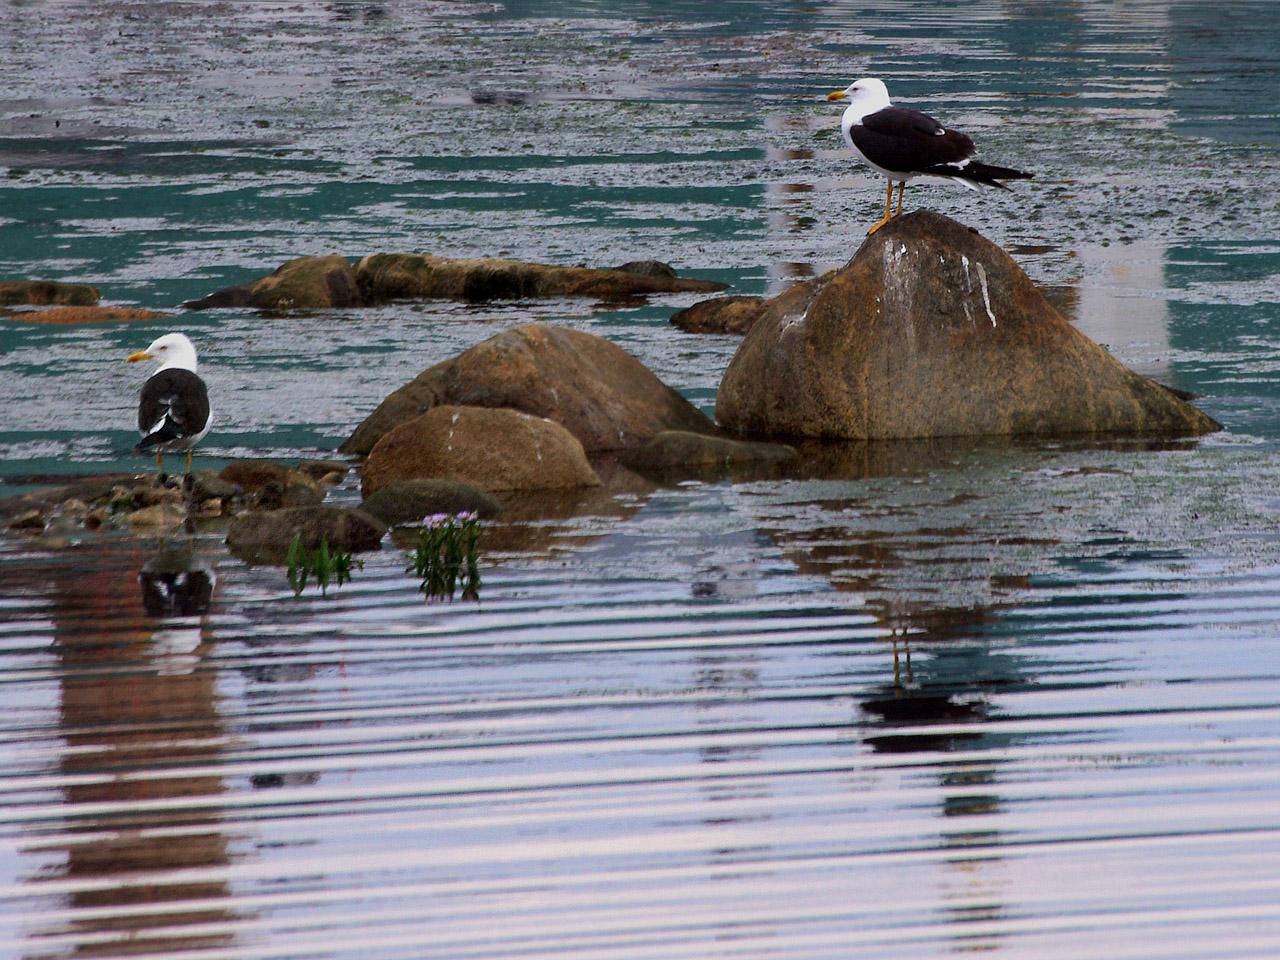 Чайка-клуша (Larus fuscus). Эти чайки сидят на камнях мелководья в бухте Благополучия, рядом с Соловецким монастырем. Лапы у клуш ярко желтые, что отличает их от морских чаек с бледными ногами. На переднем плане видны цветы астры солончаковой (морской), растущие прямо в воде Автор фото: Юрий Семенов